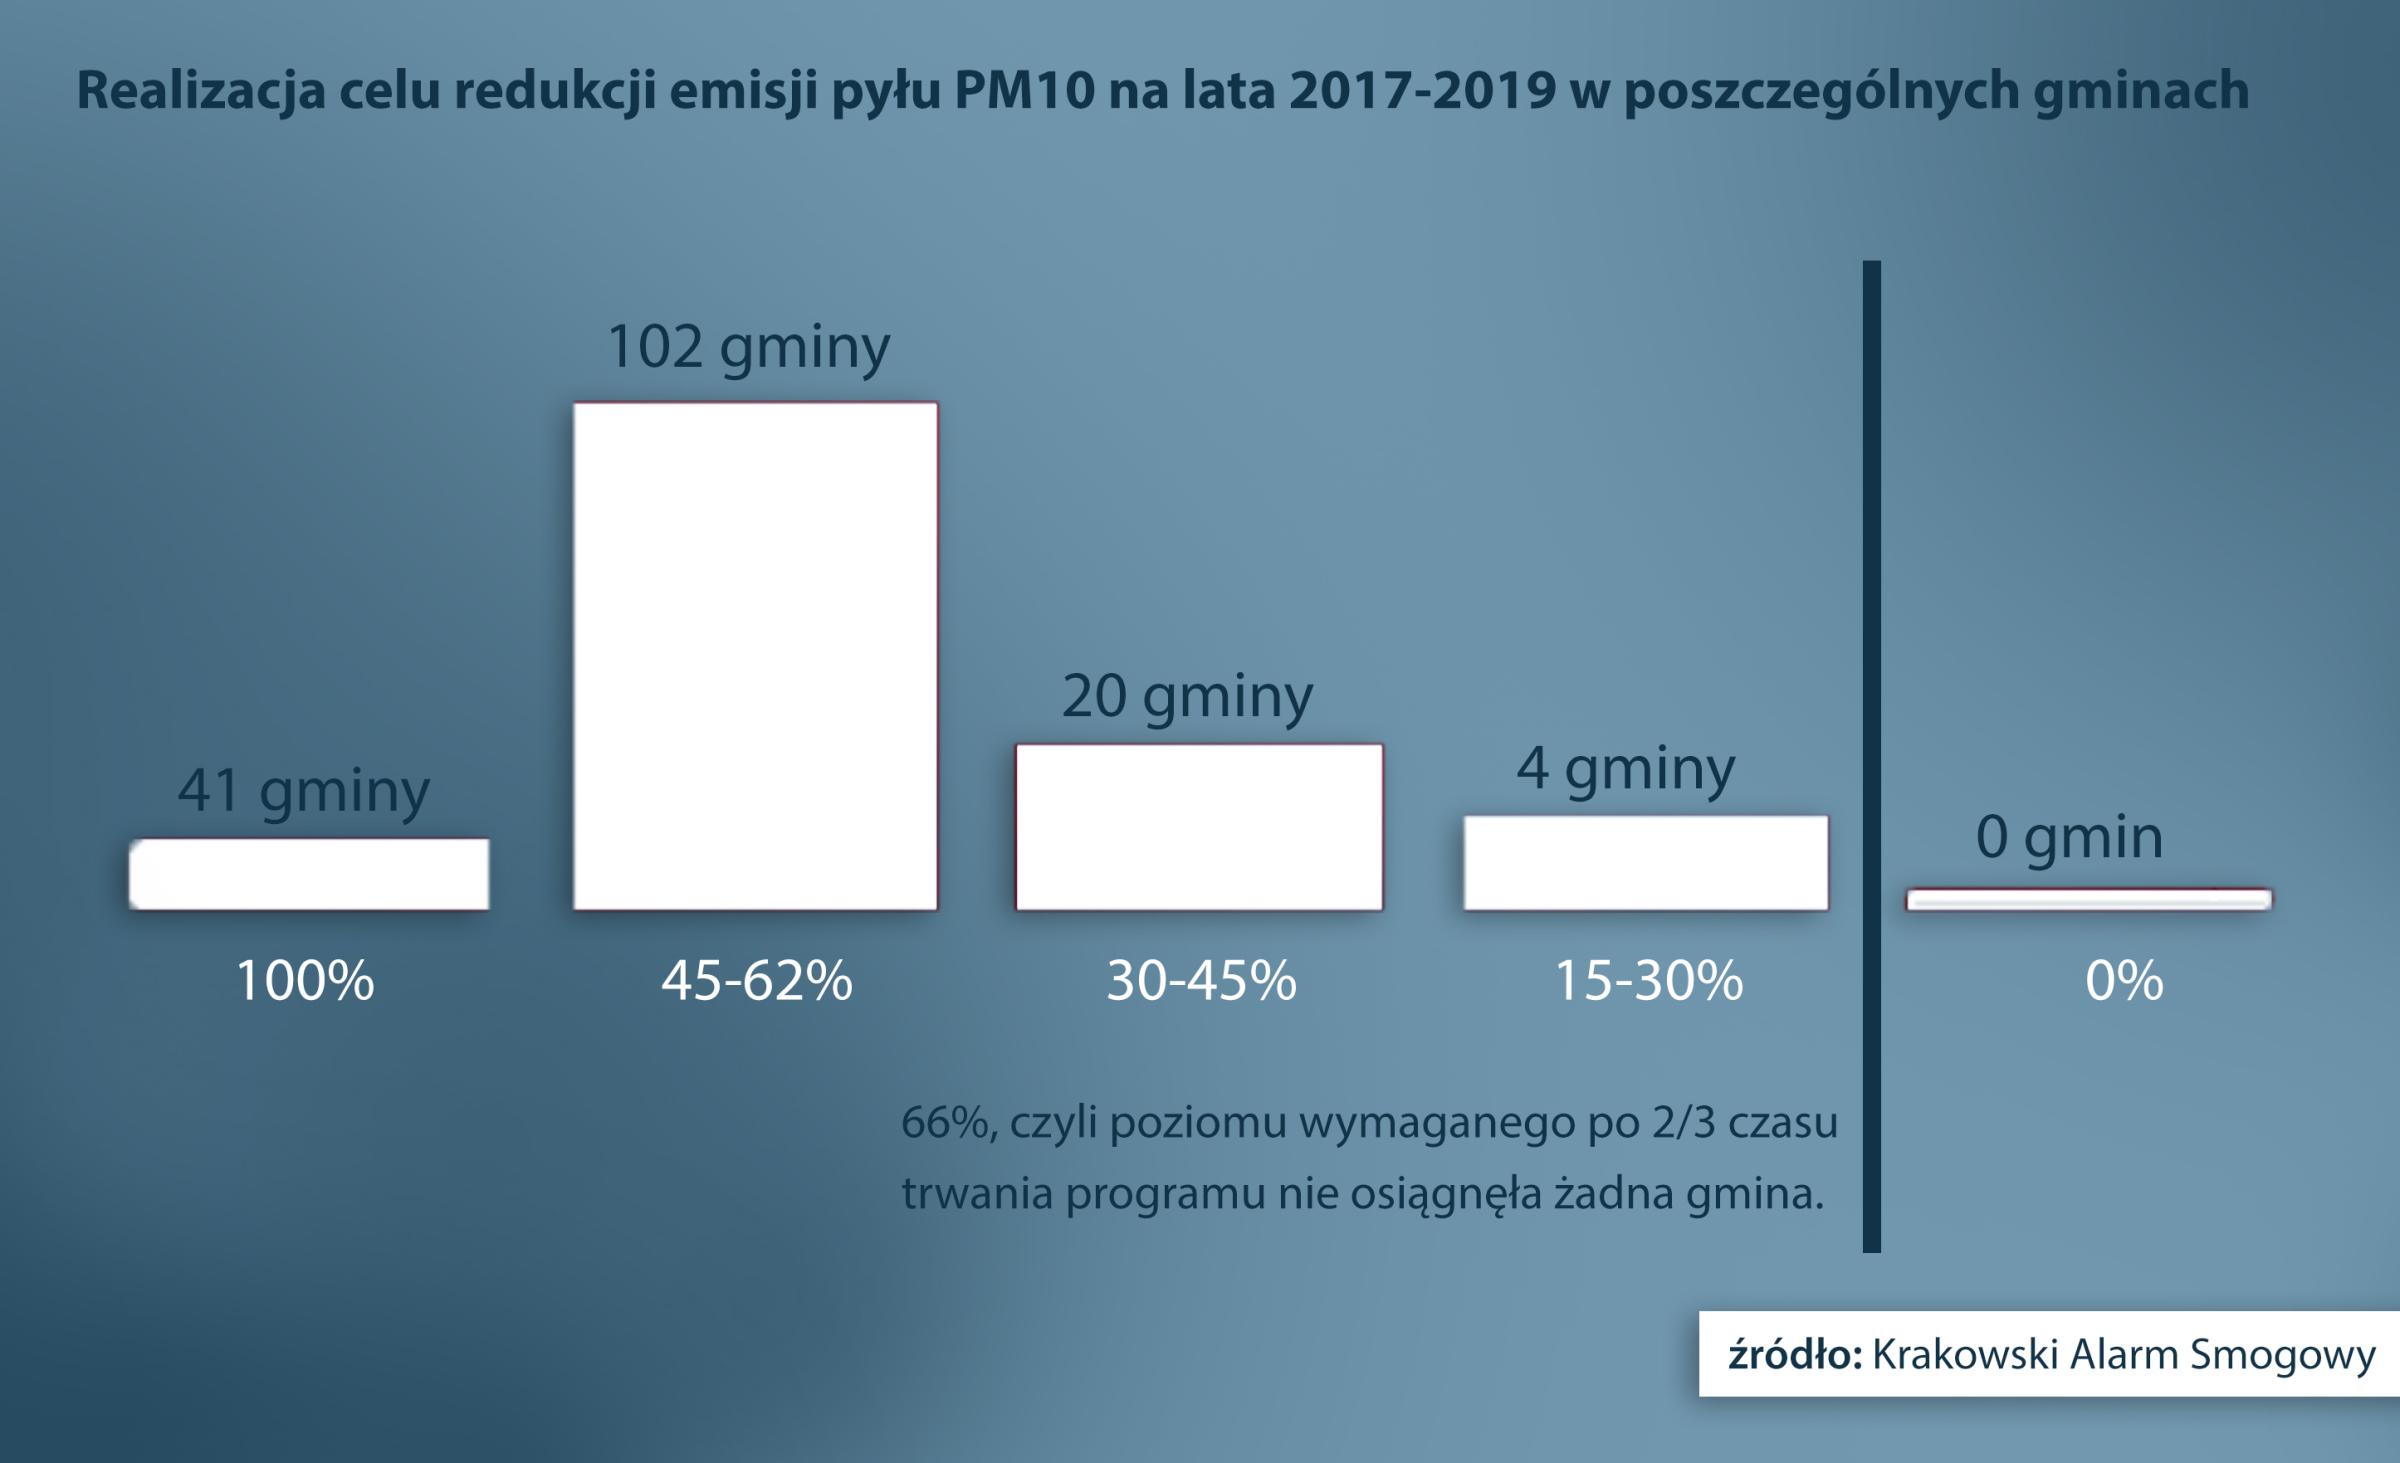 Realizacja celu redukcji emisji pyłu PM10 na lata 2017-2019 w poszczególnych gminach